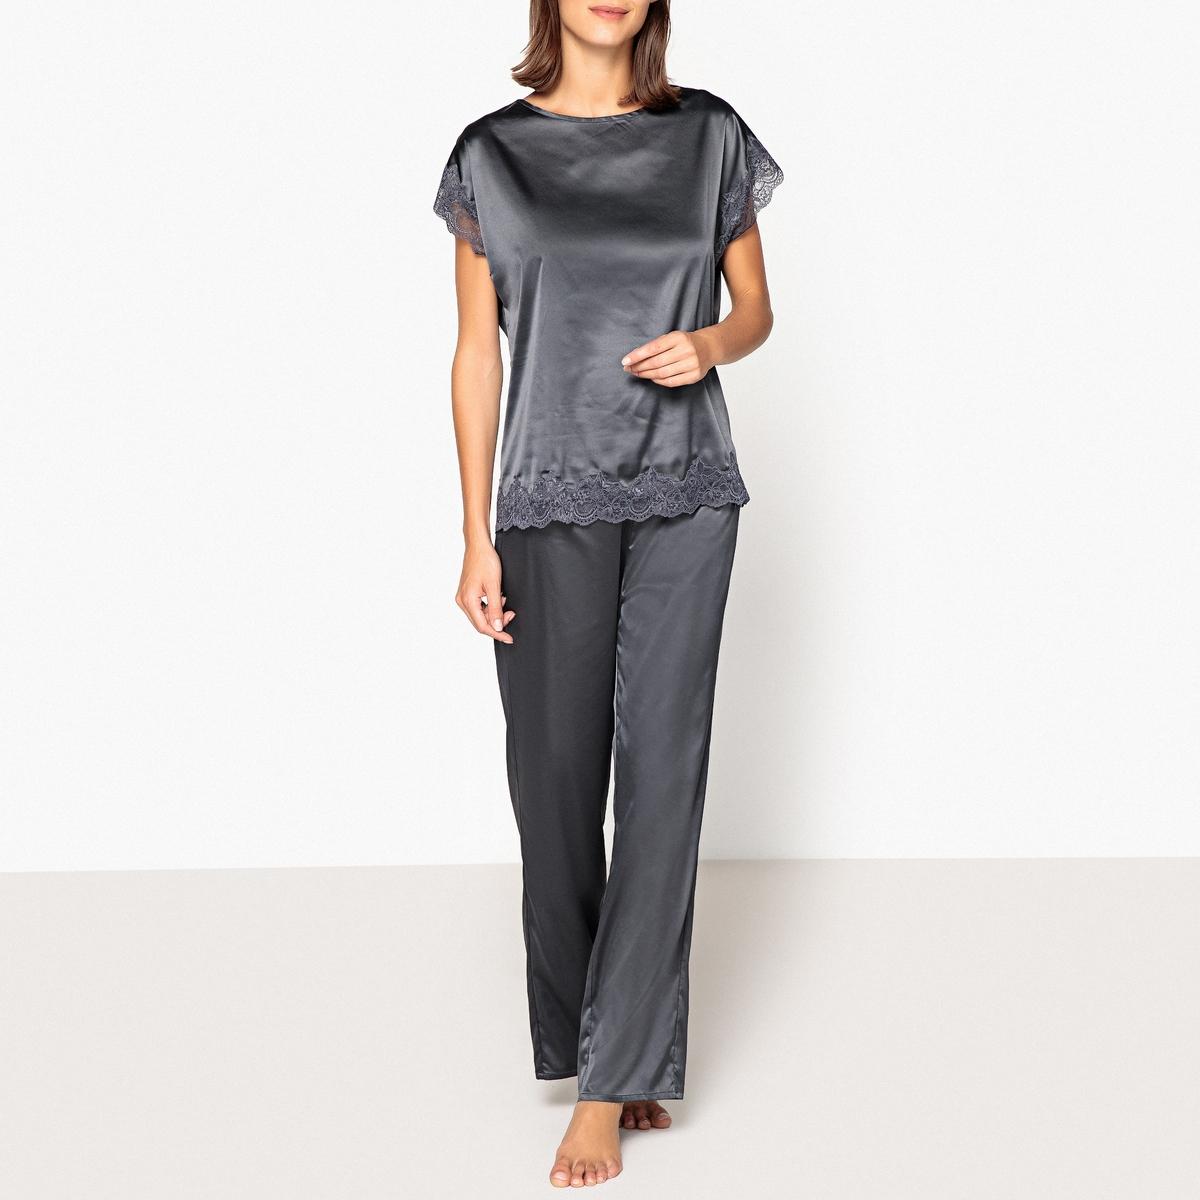 Пижама с кружевной вставкой пижамы nicoletta пижама женская